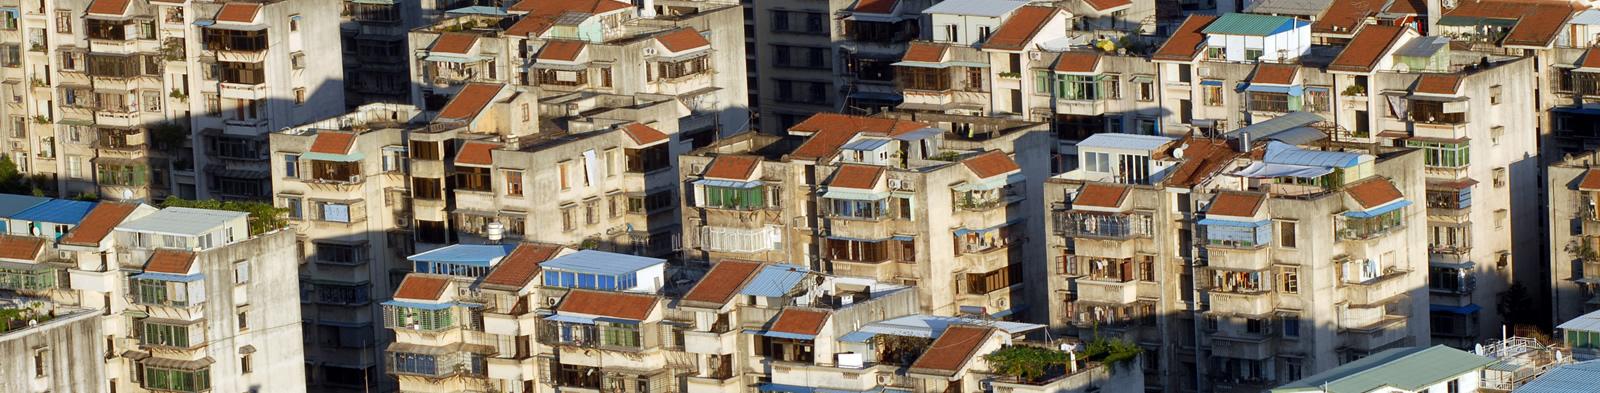 Housing development in China